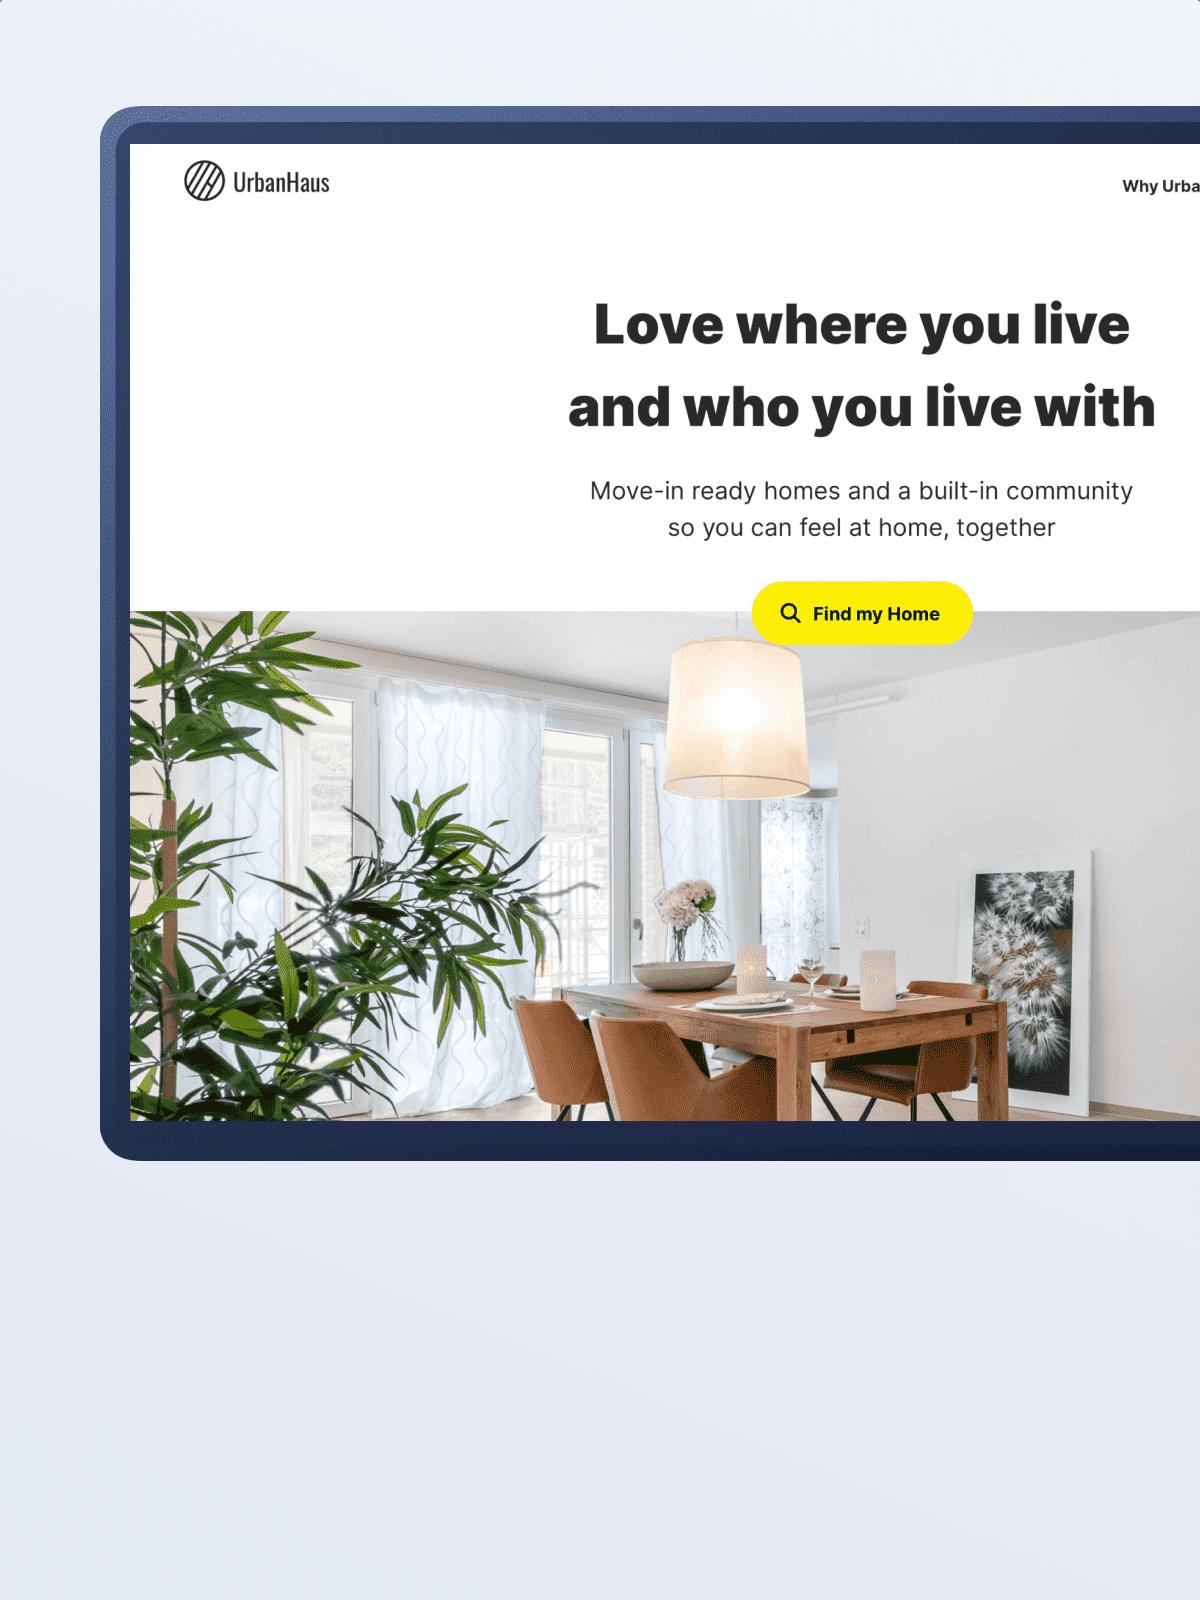 Branding for co-living service